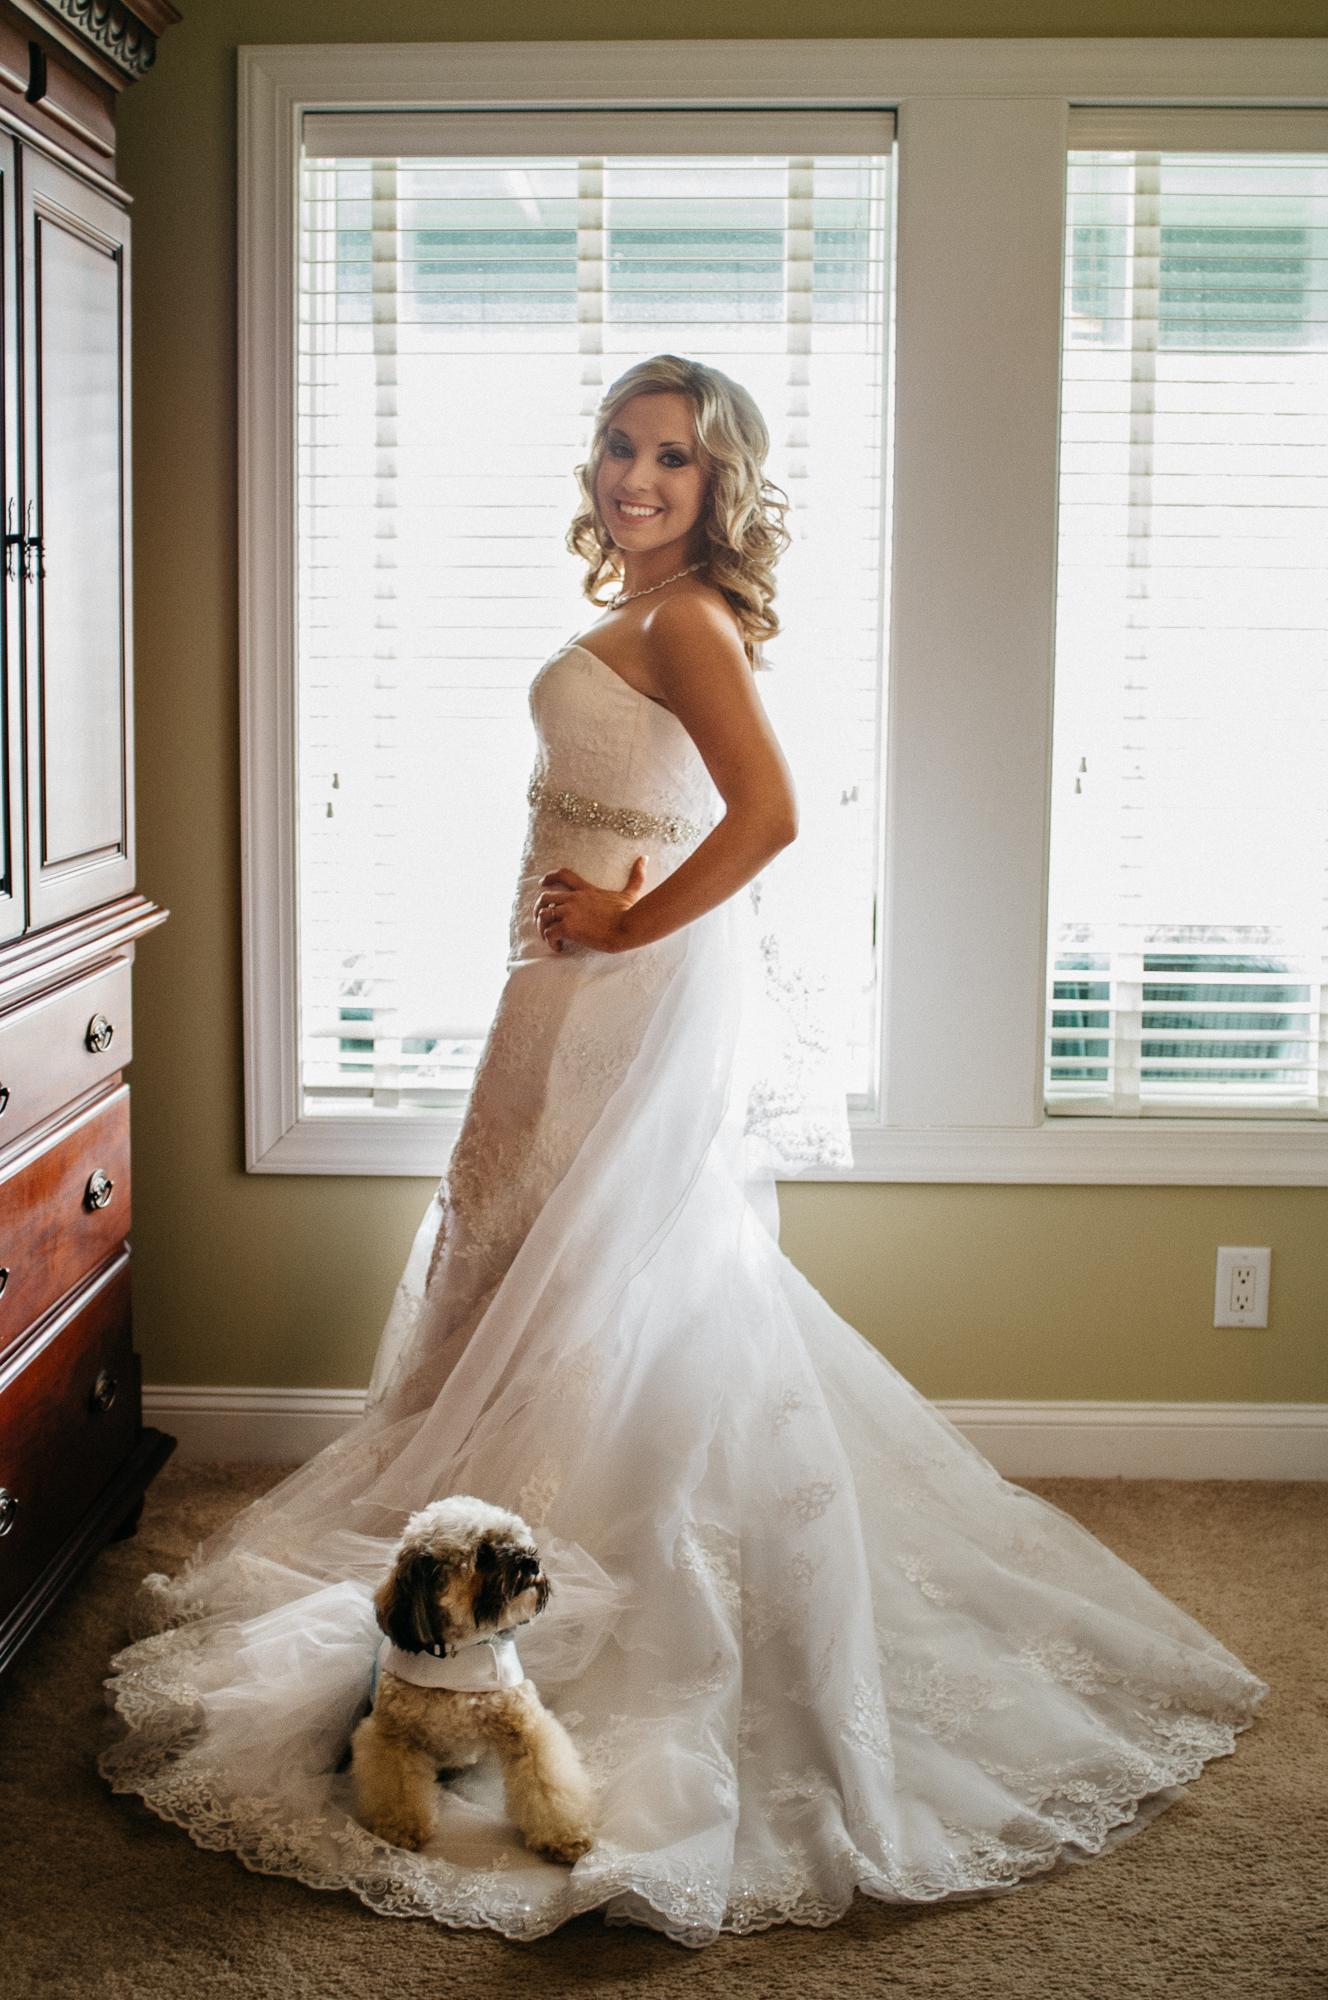 Trisha-Pat-wedding-blog-7.jpg